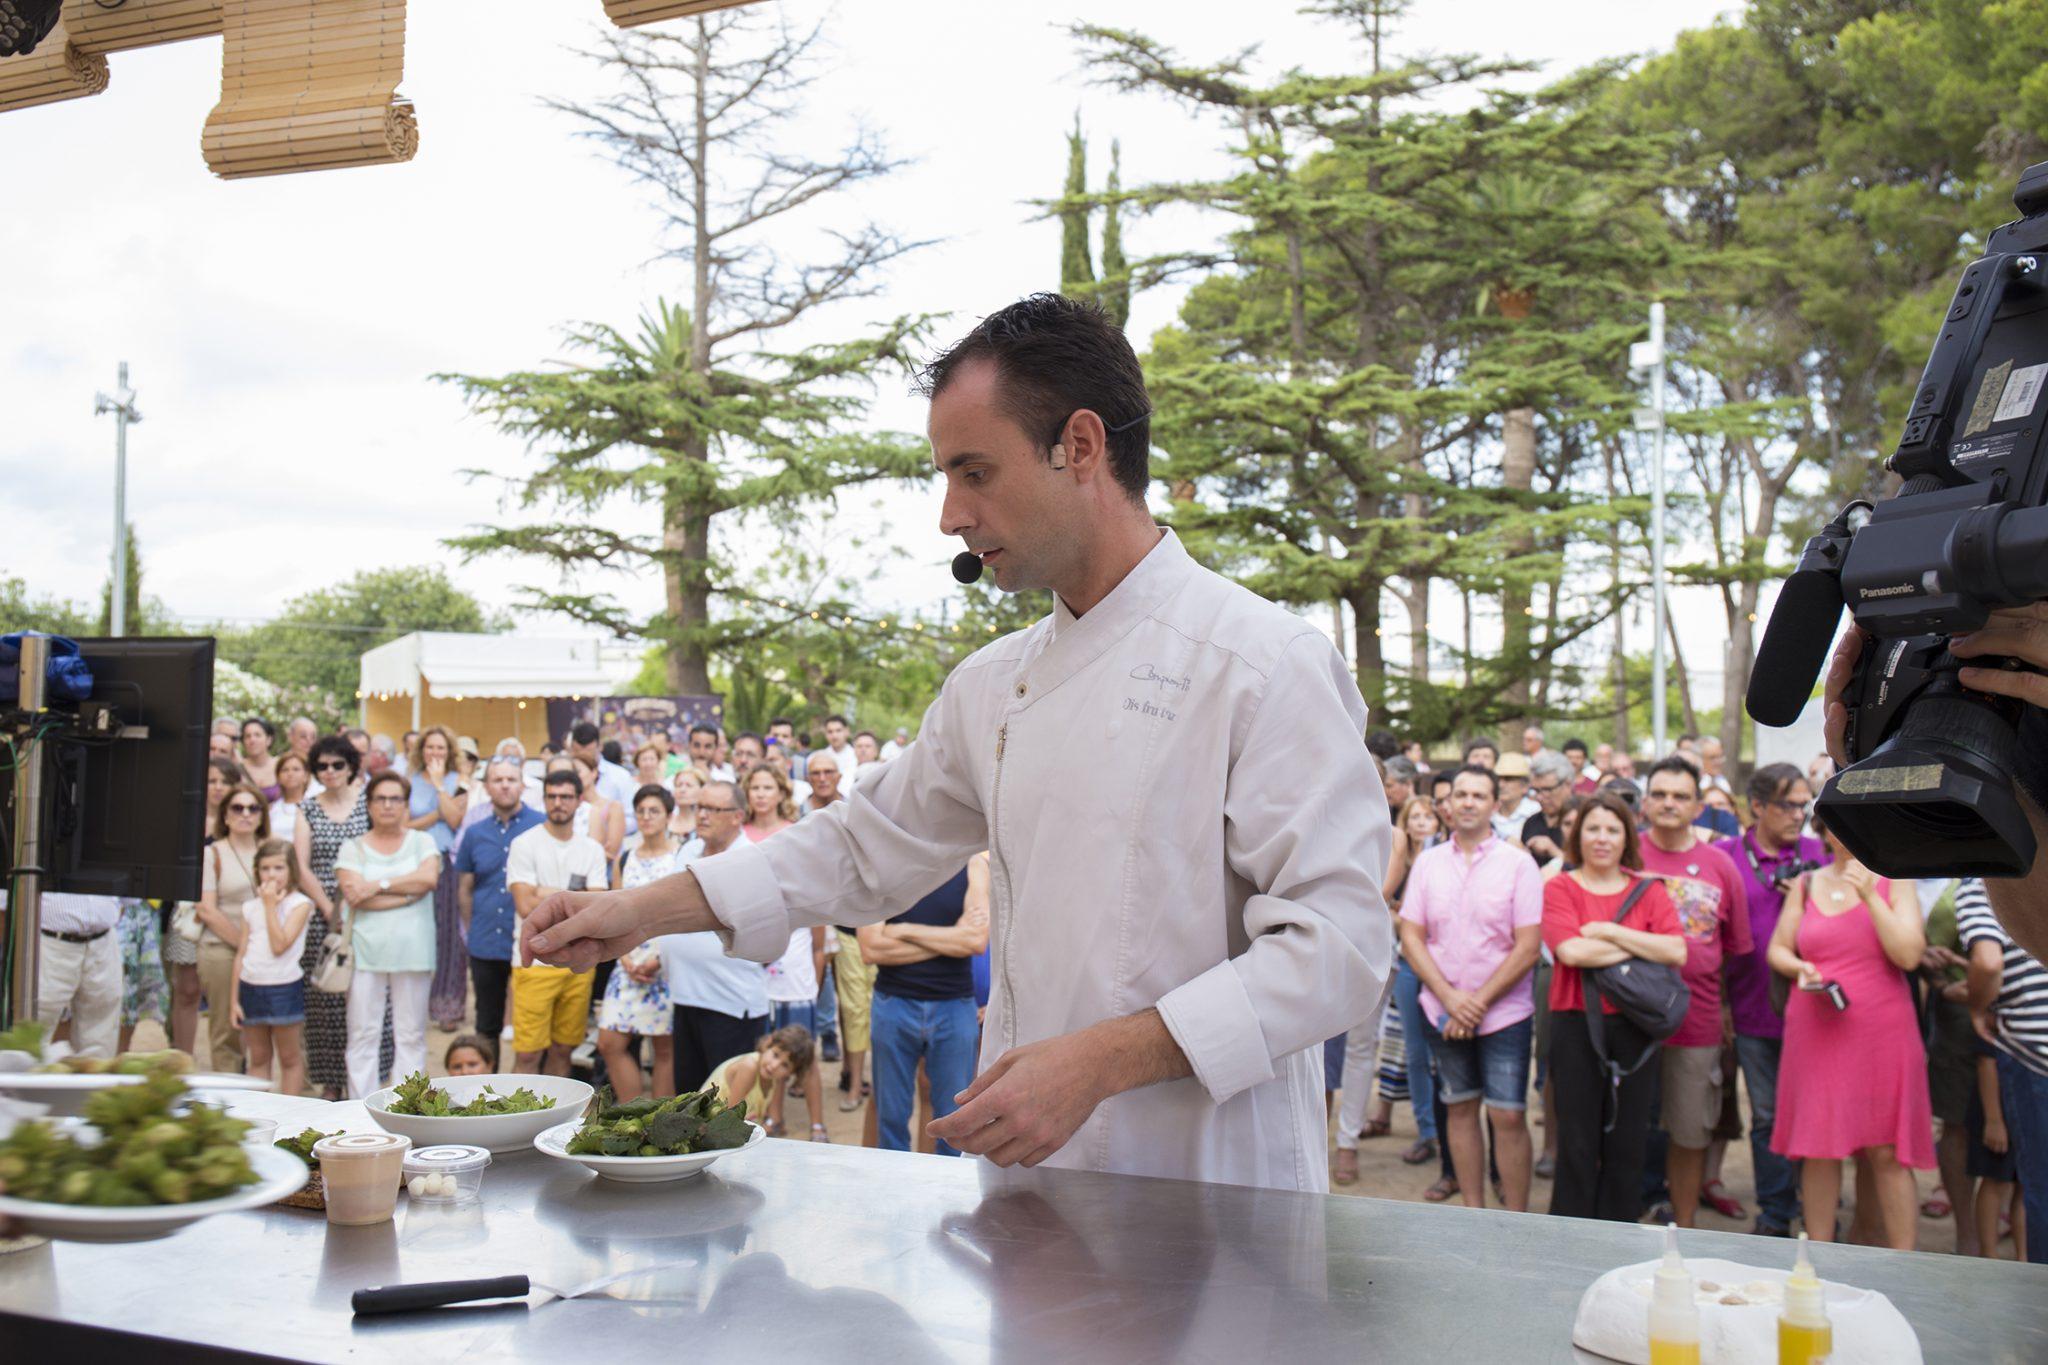 La 1a Muestra Gastronómica TASTVM Vila-seca cierra con éxito y garantiza su continuidad